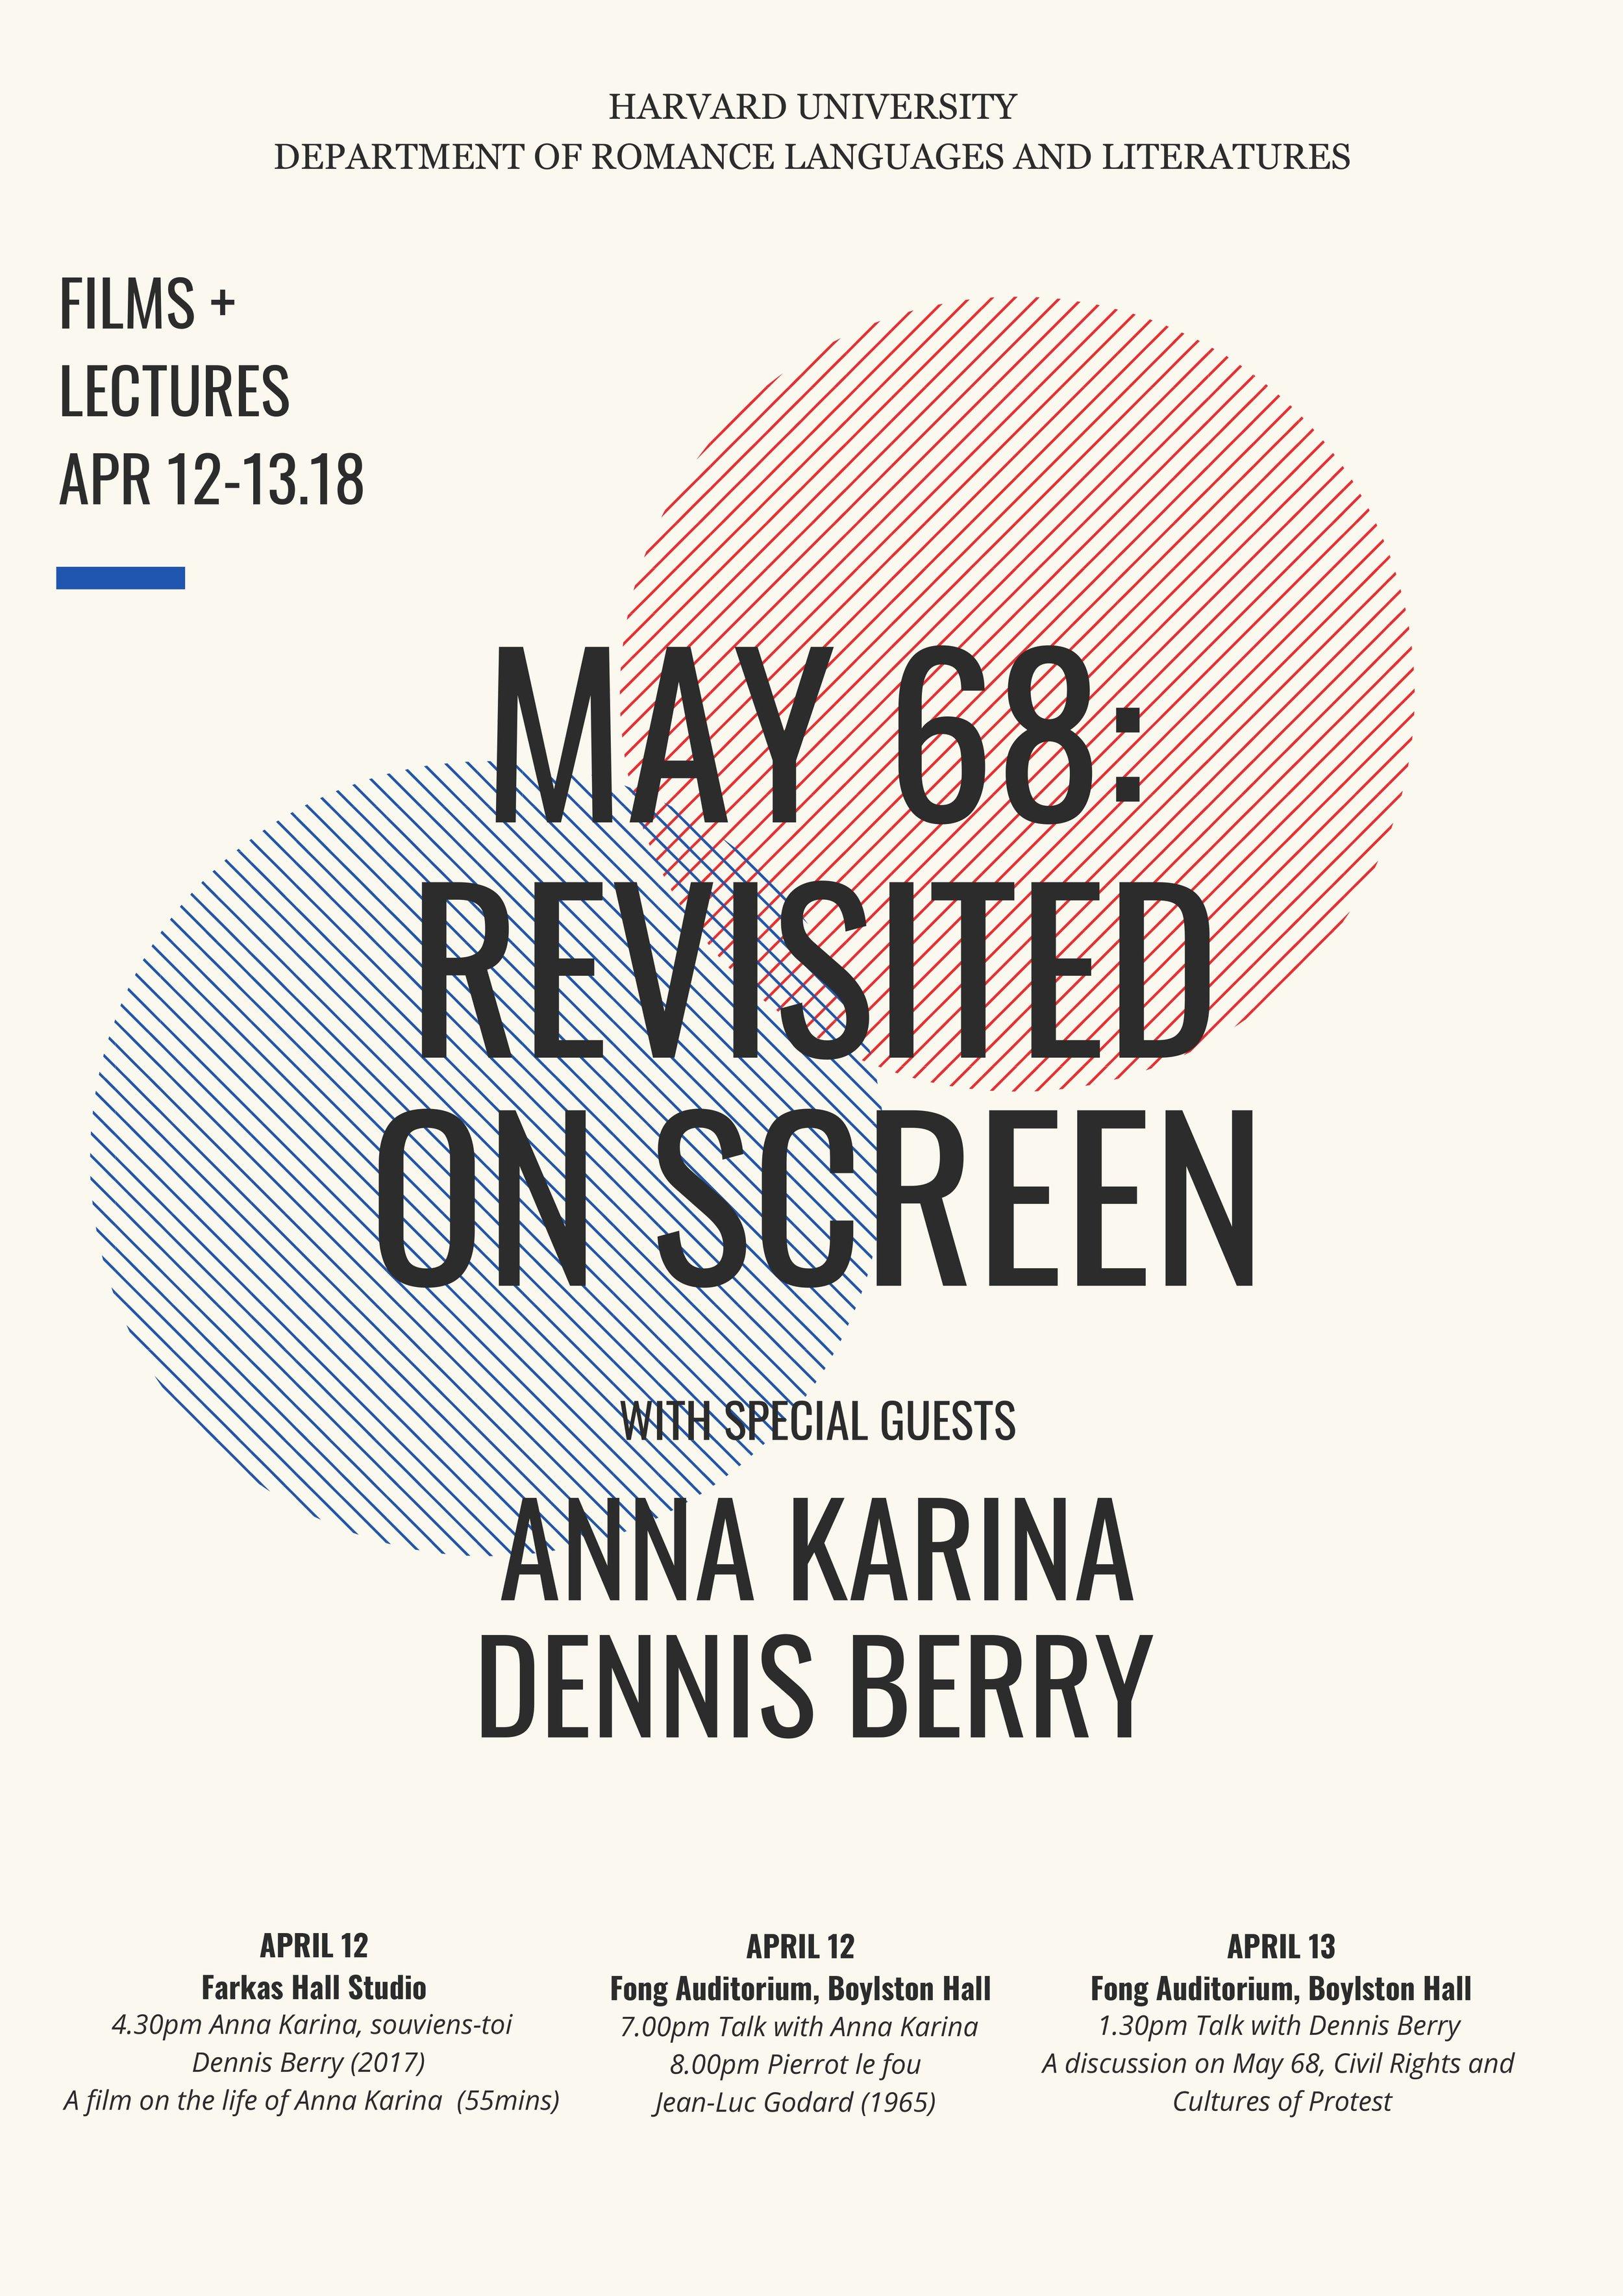 Harvard Lecture Series April 11-14, 2018